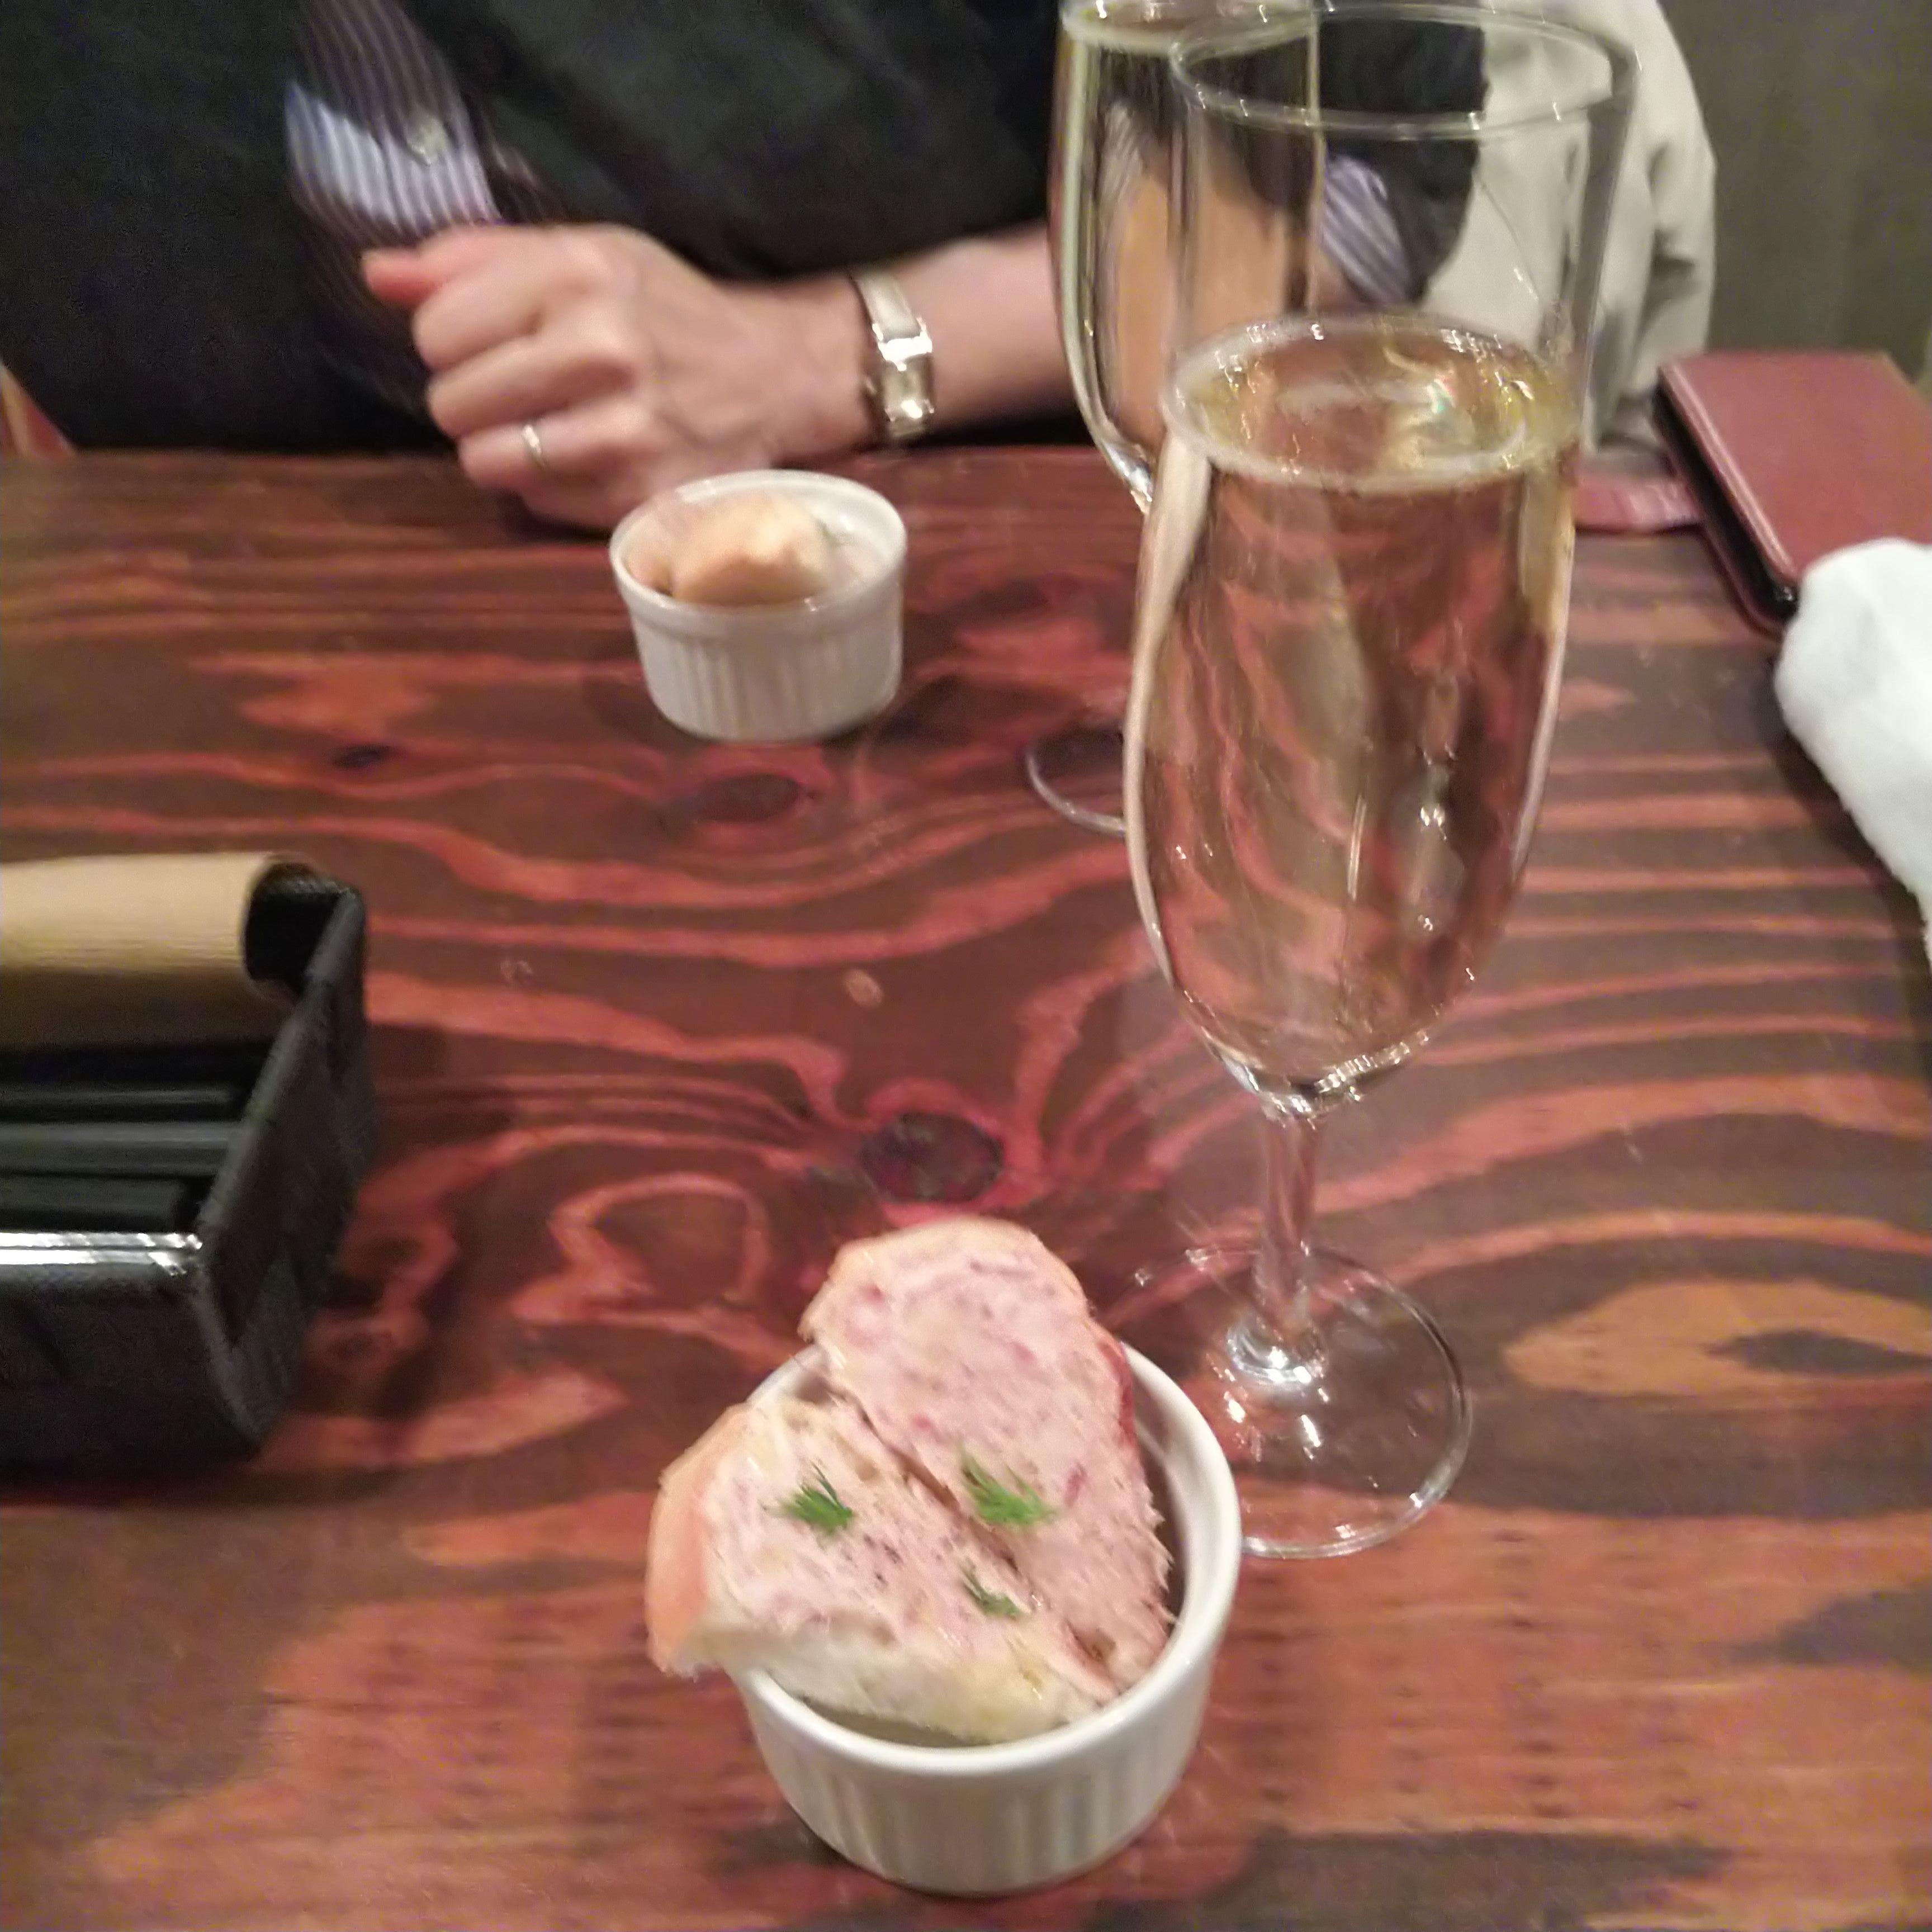 スパークリングワイン&お通しサーモンのリエット